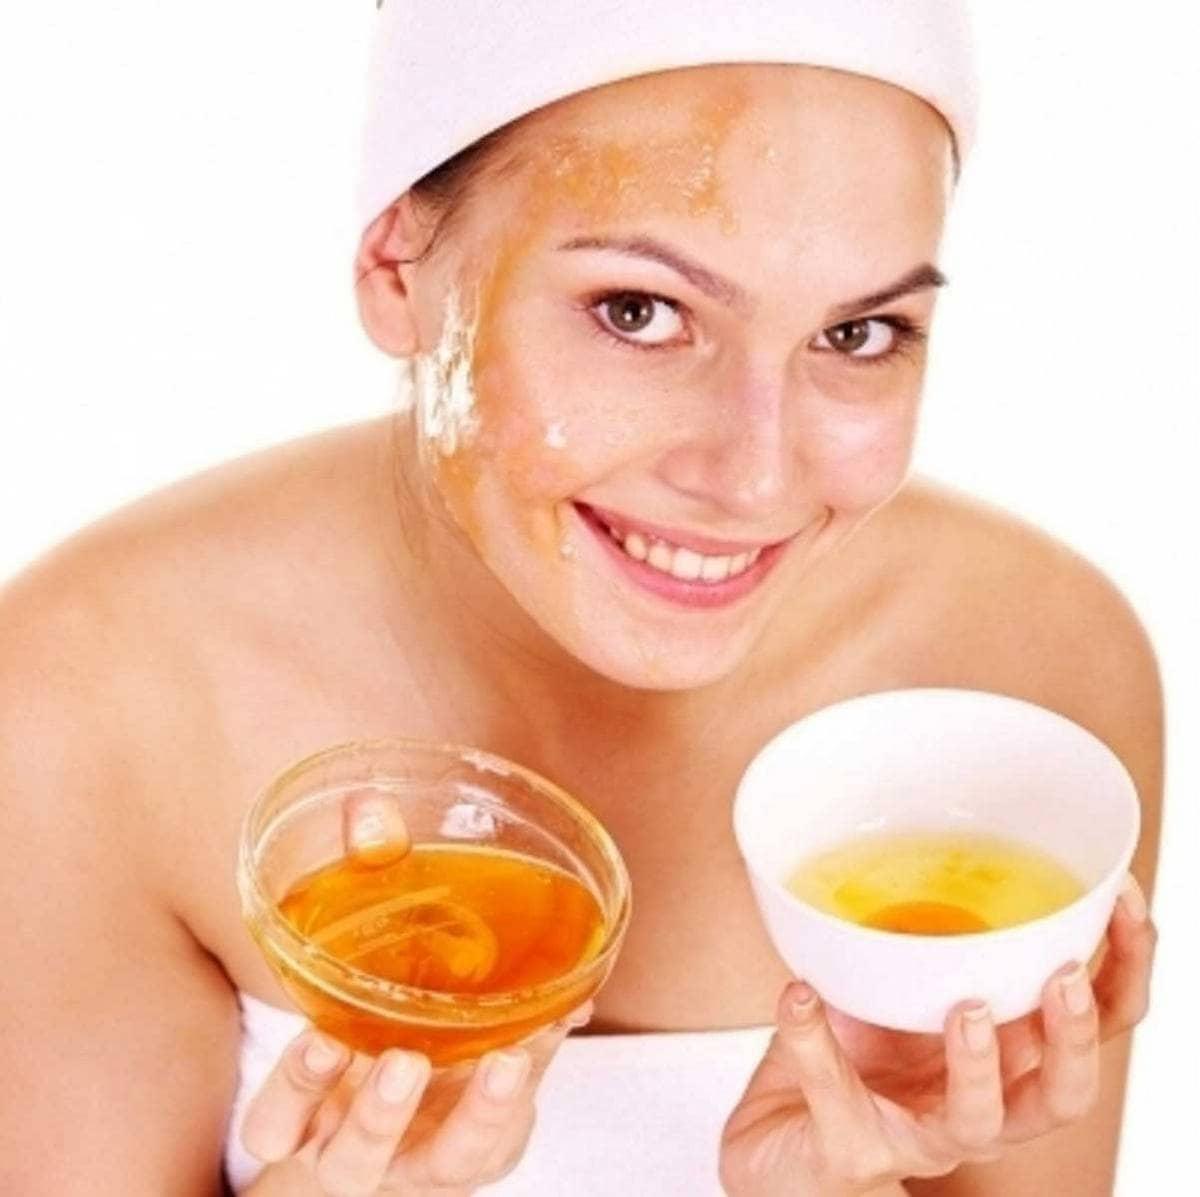 Если ваша кожа на лице шелушится, то вам подойдет маска из меда, желтка и растительного масла